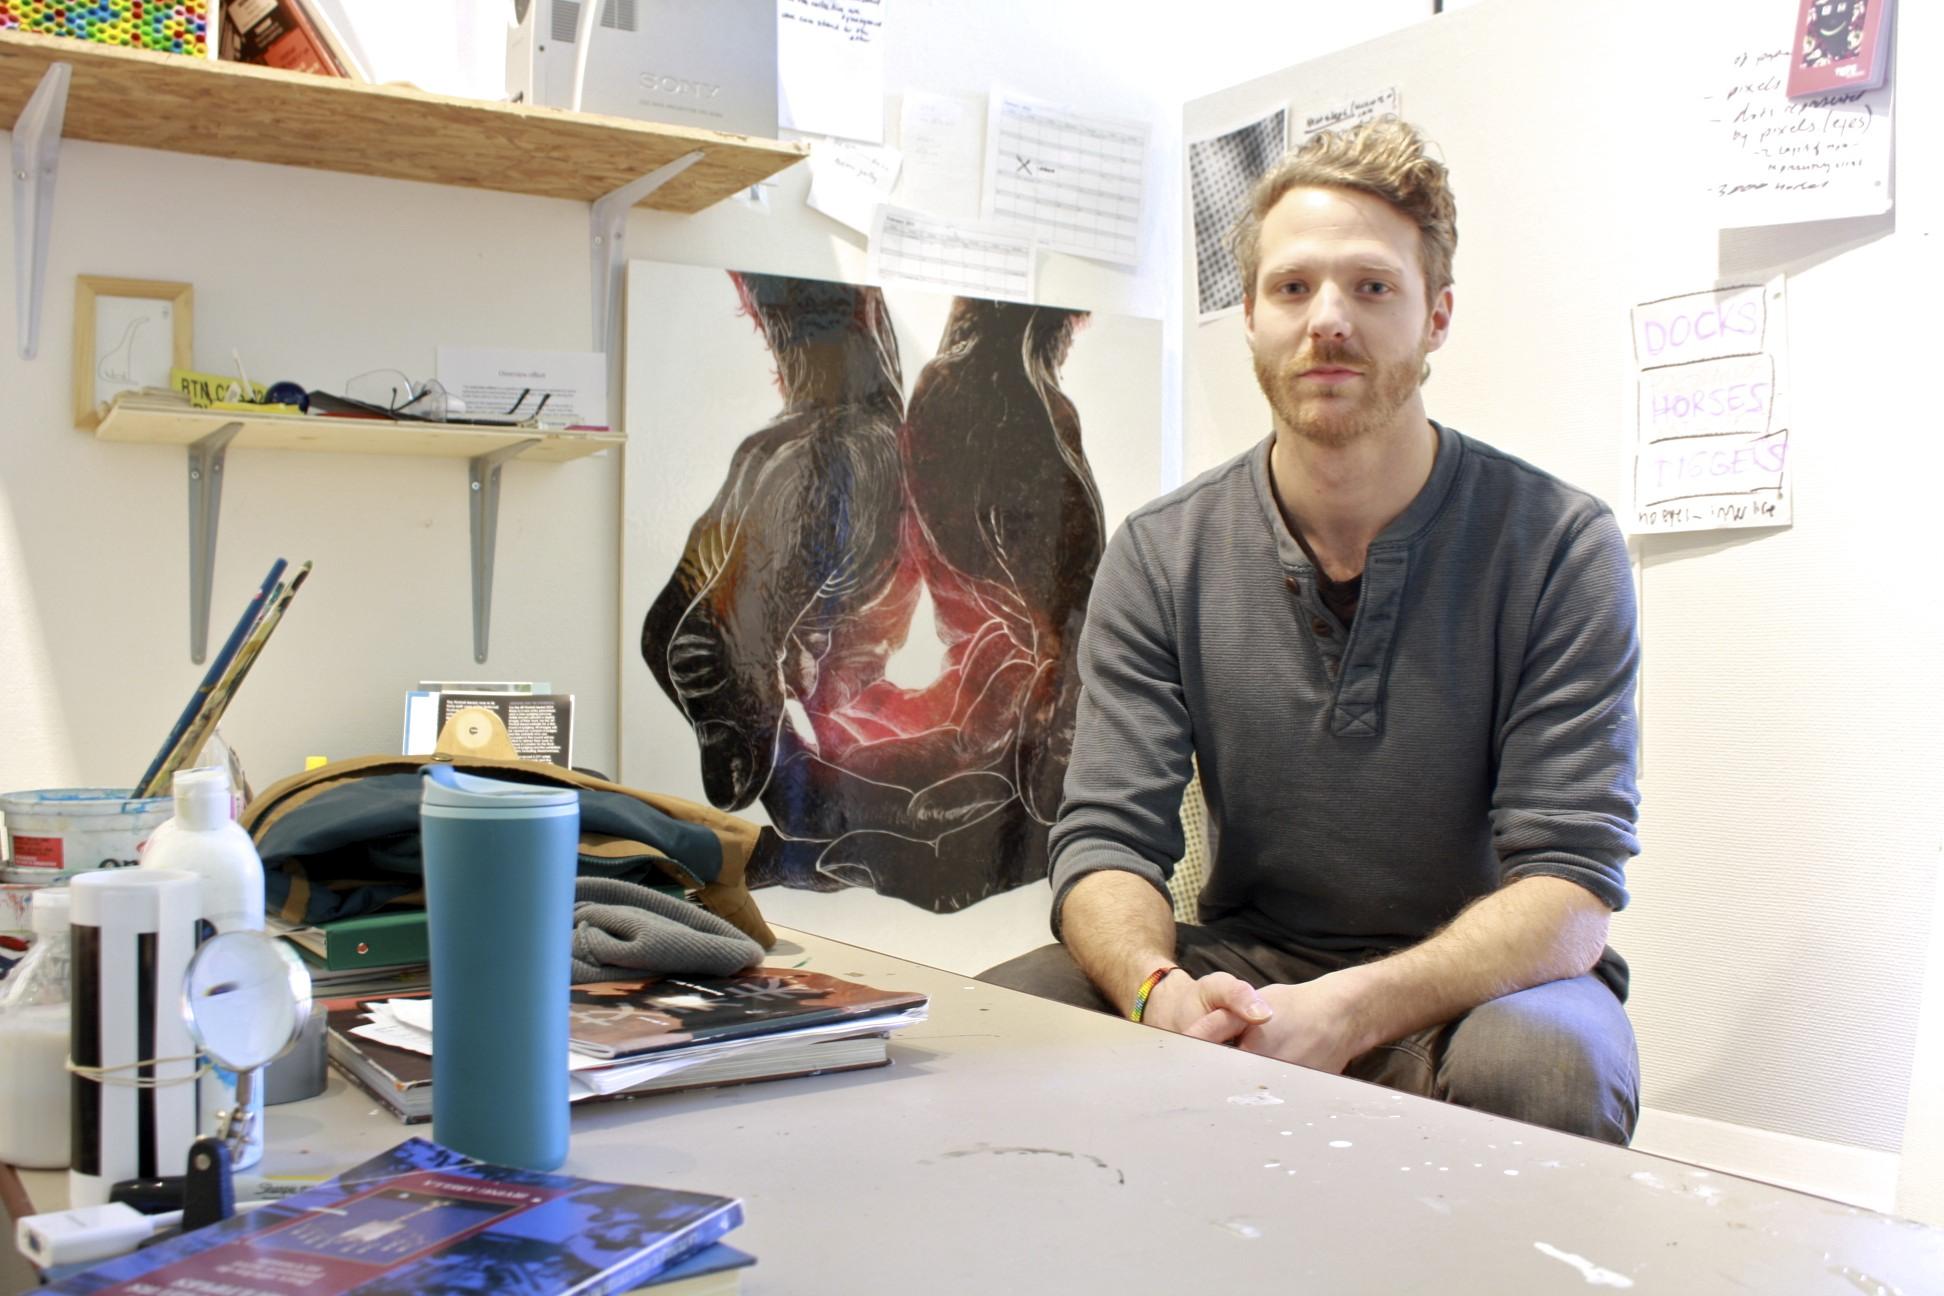 Nic Vandergugten, Fine Arts Building, UVic, Studio Space, Feb 2015